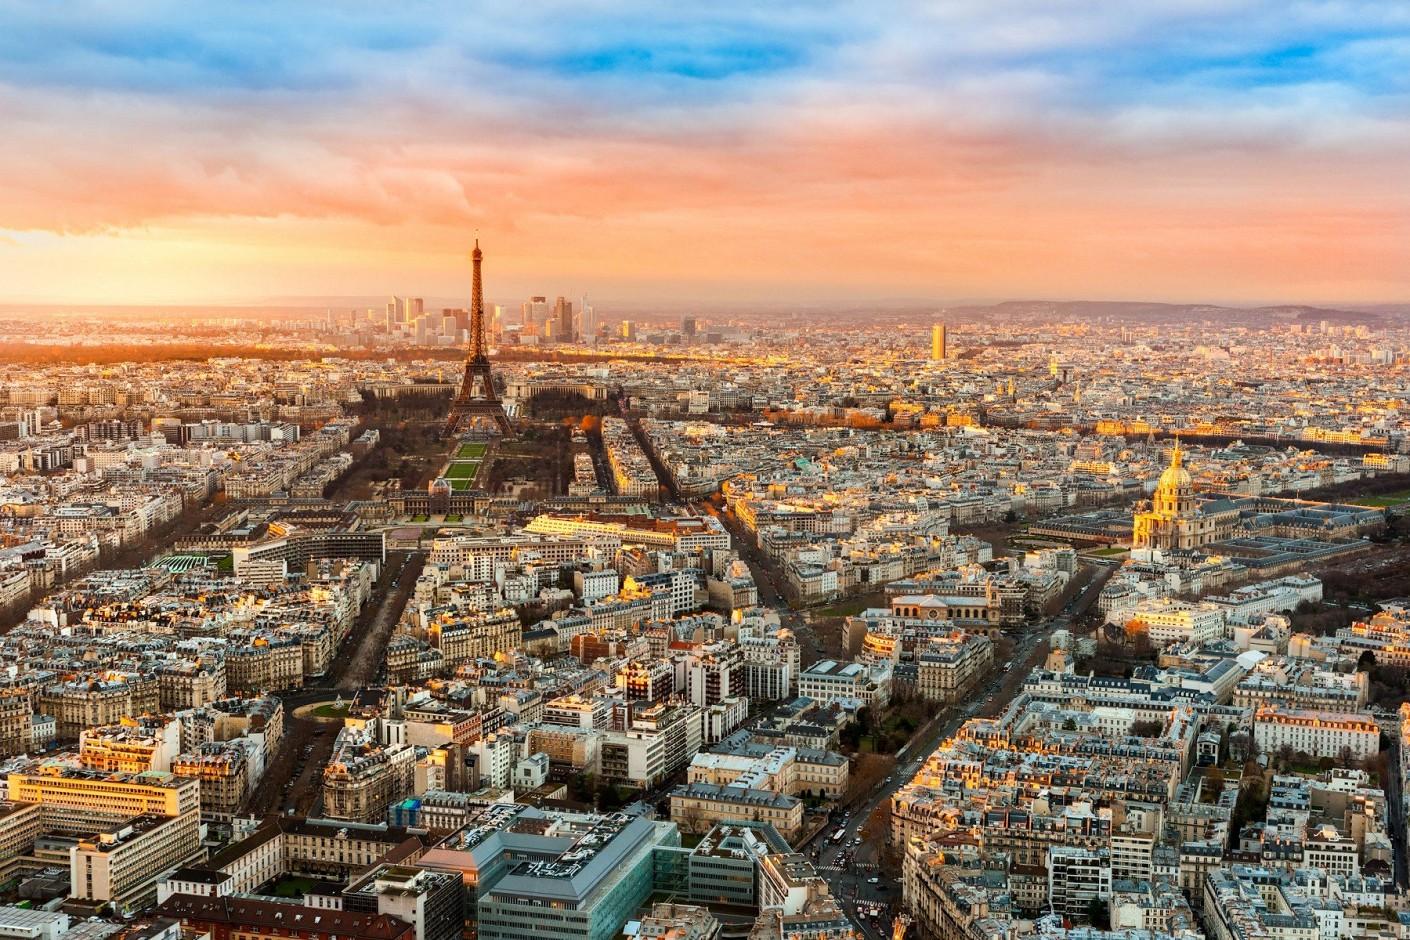 Ką verta žinoti prieš vykstant į Paryžių?